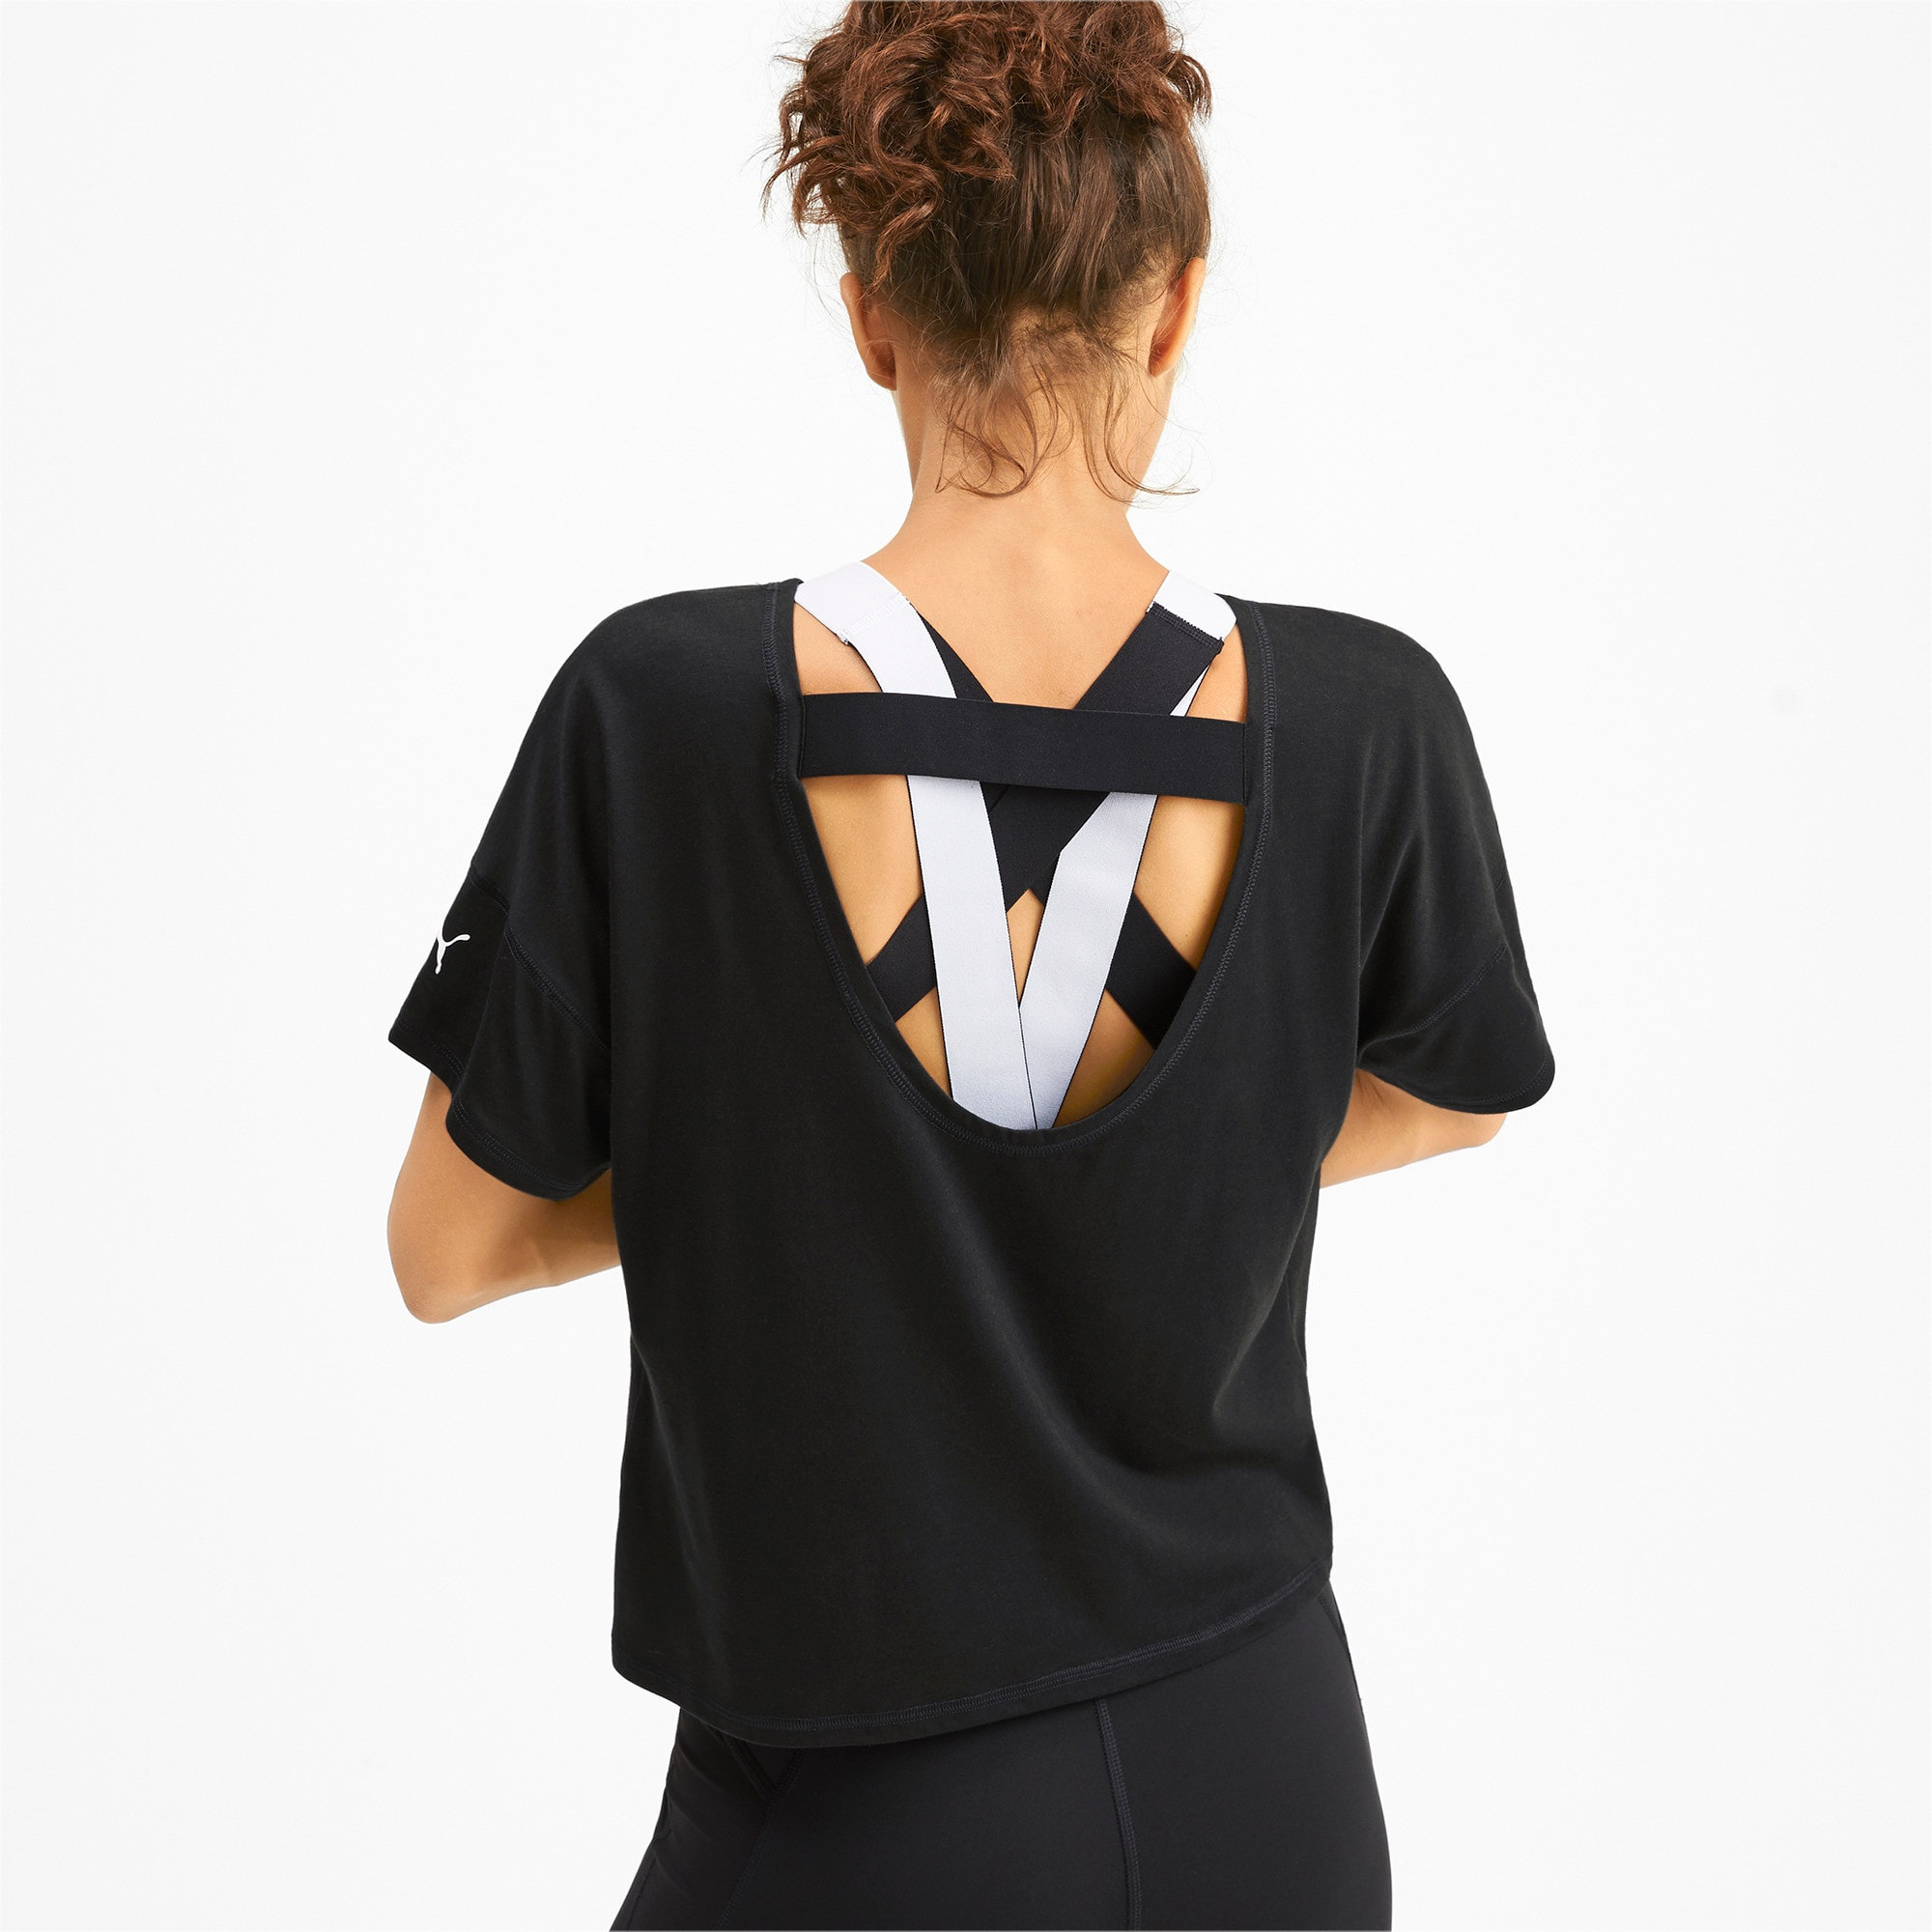 Thumbnail 3 of フィール イット SS ウィメンズ トレーニング Tシャツ 半袖, Puma Black, medium-JPN